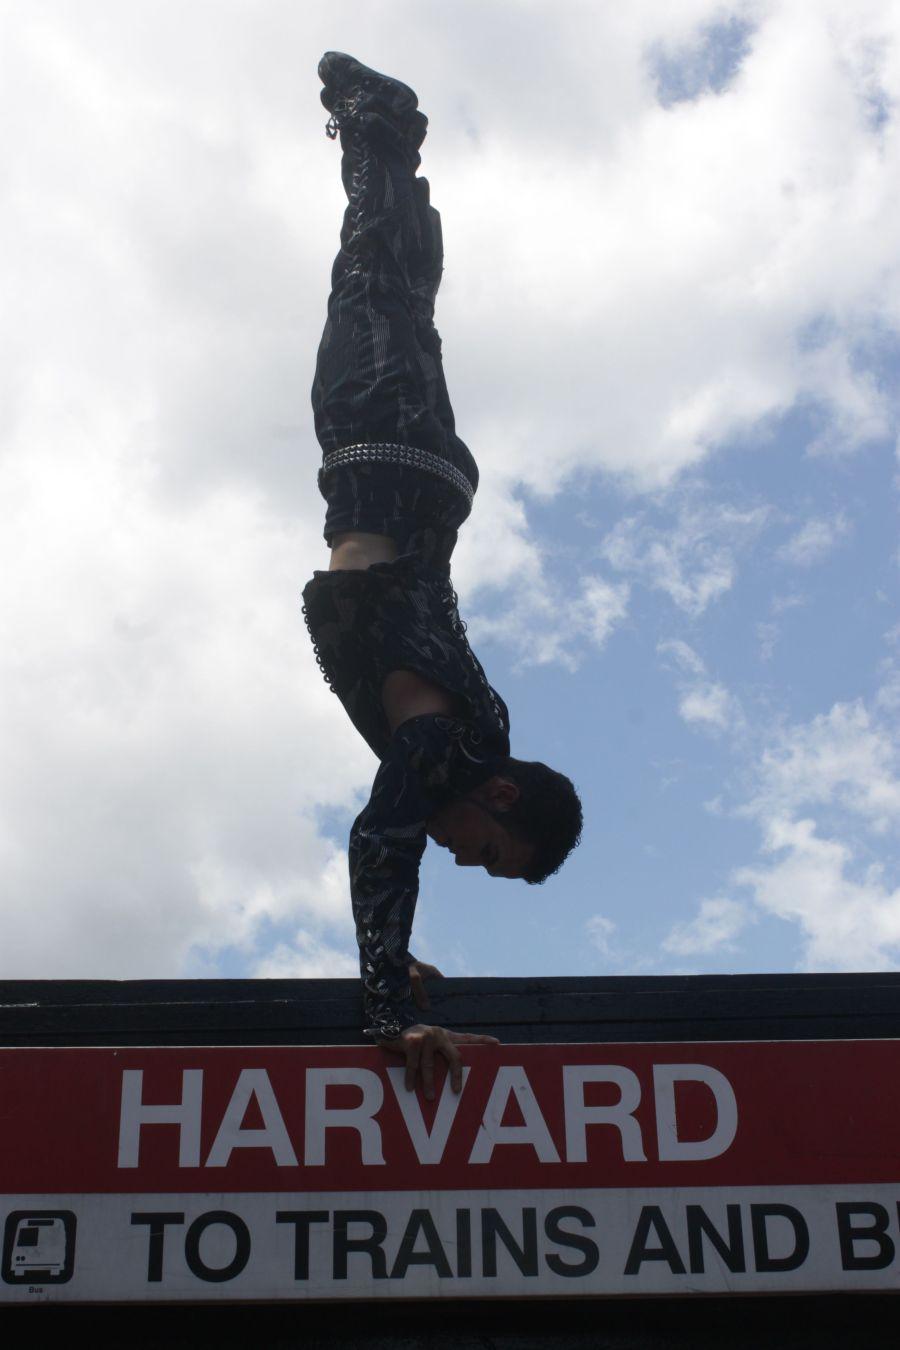 boston harvard square cirque du soleil performers 20